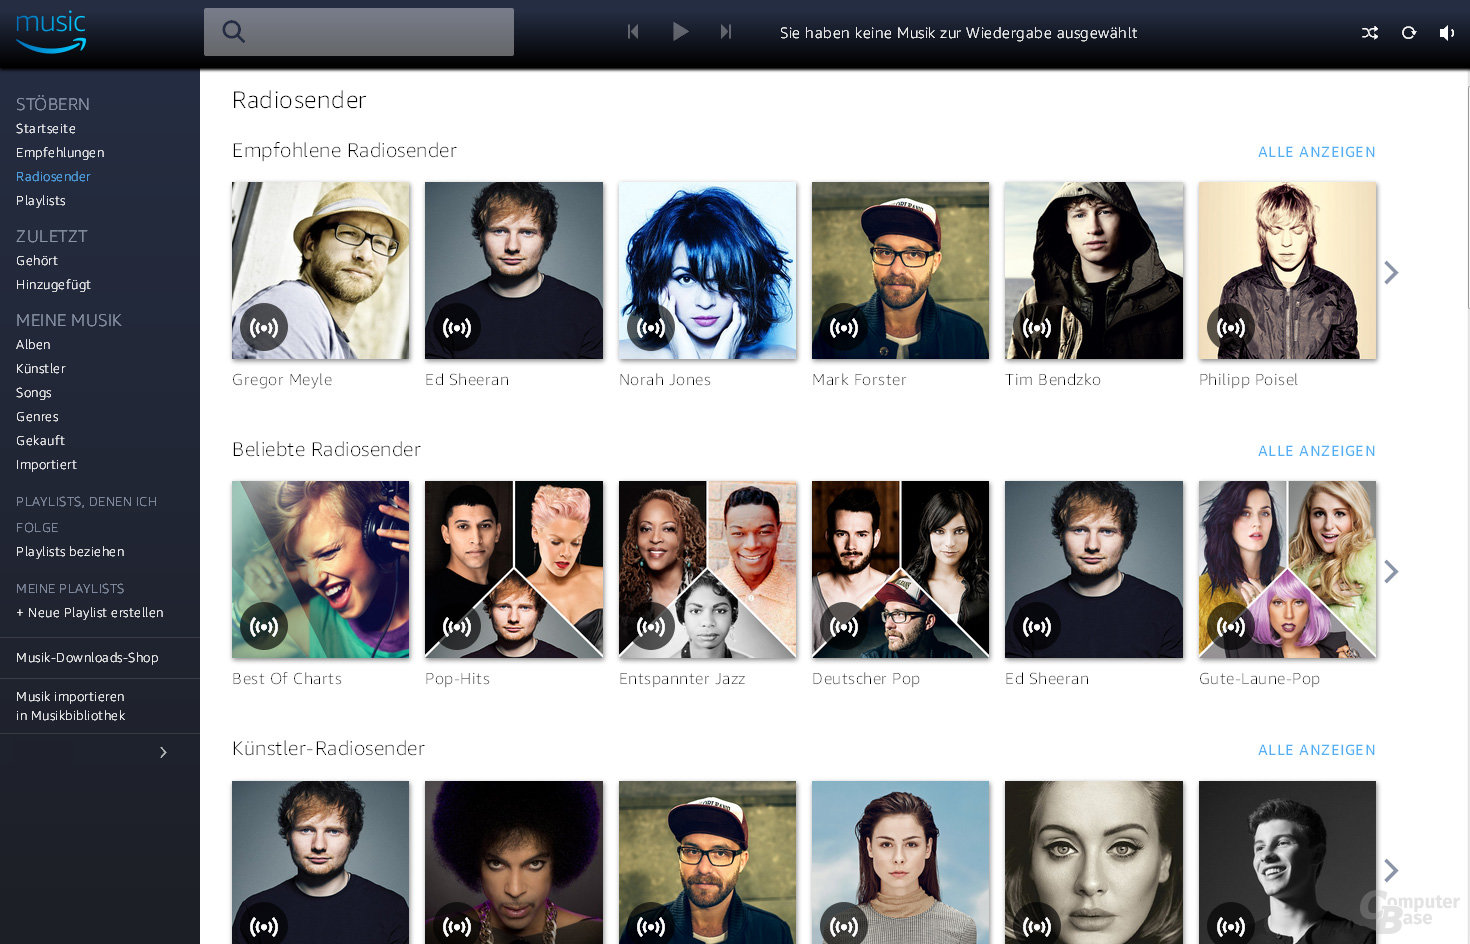 Amazon Music Unlimited im Browser: Übersichtlich, aber langsam